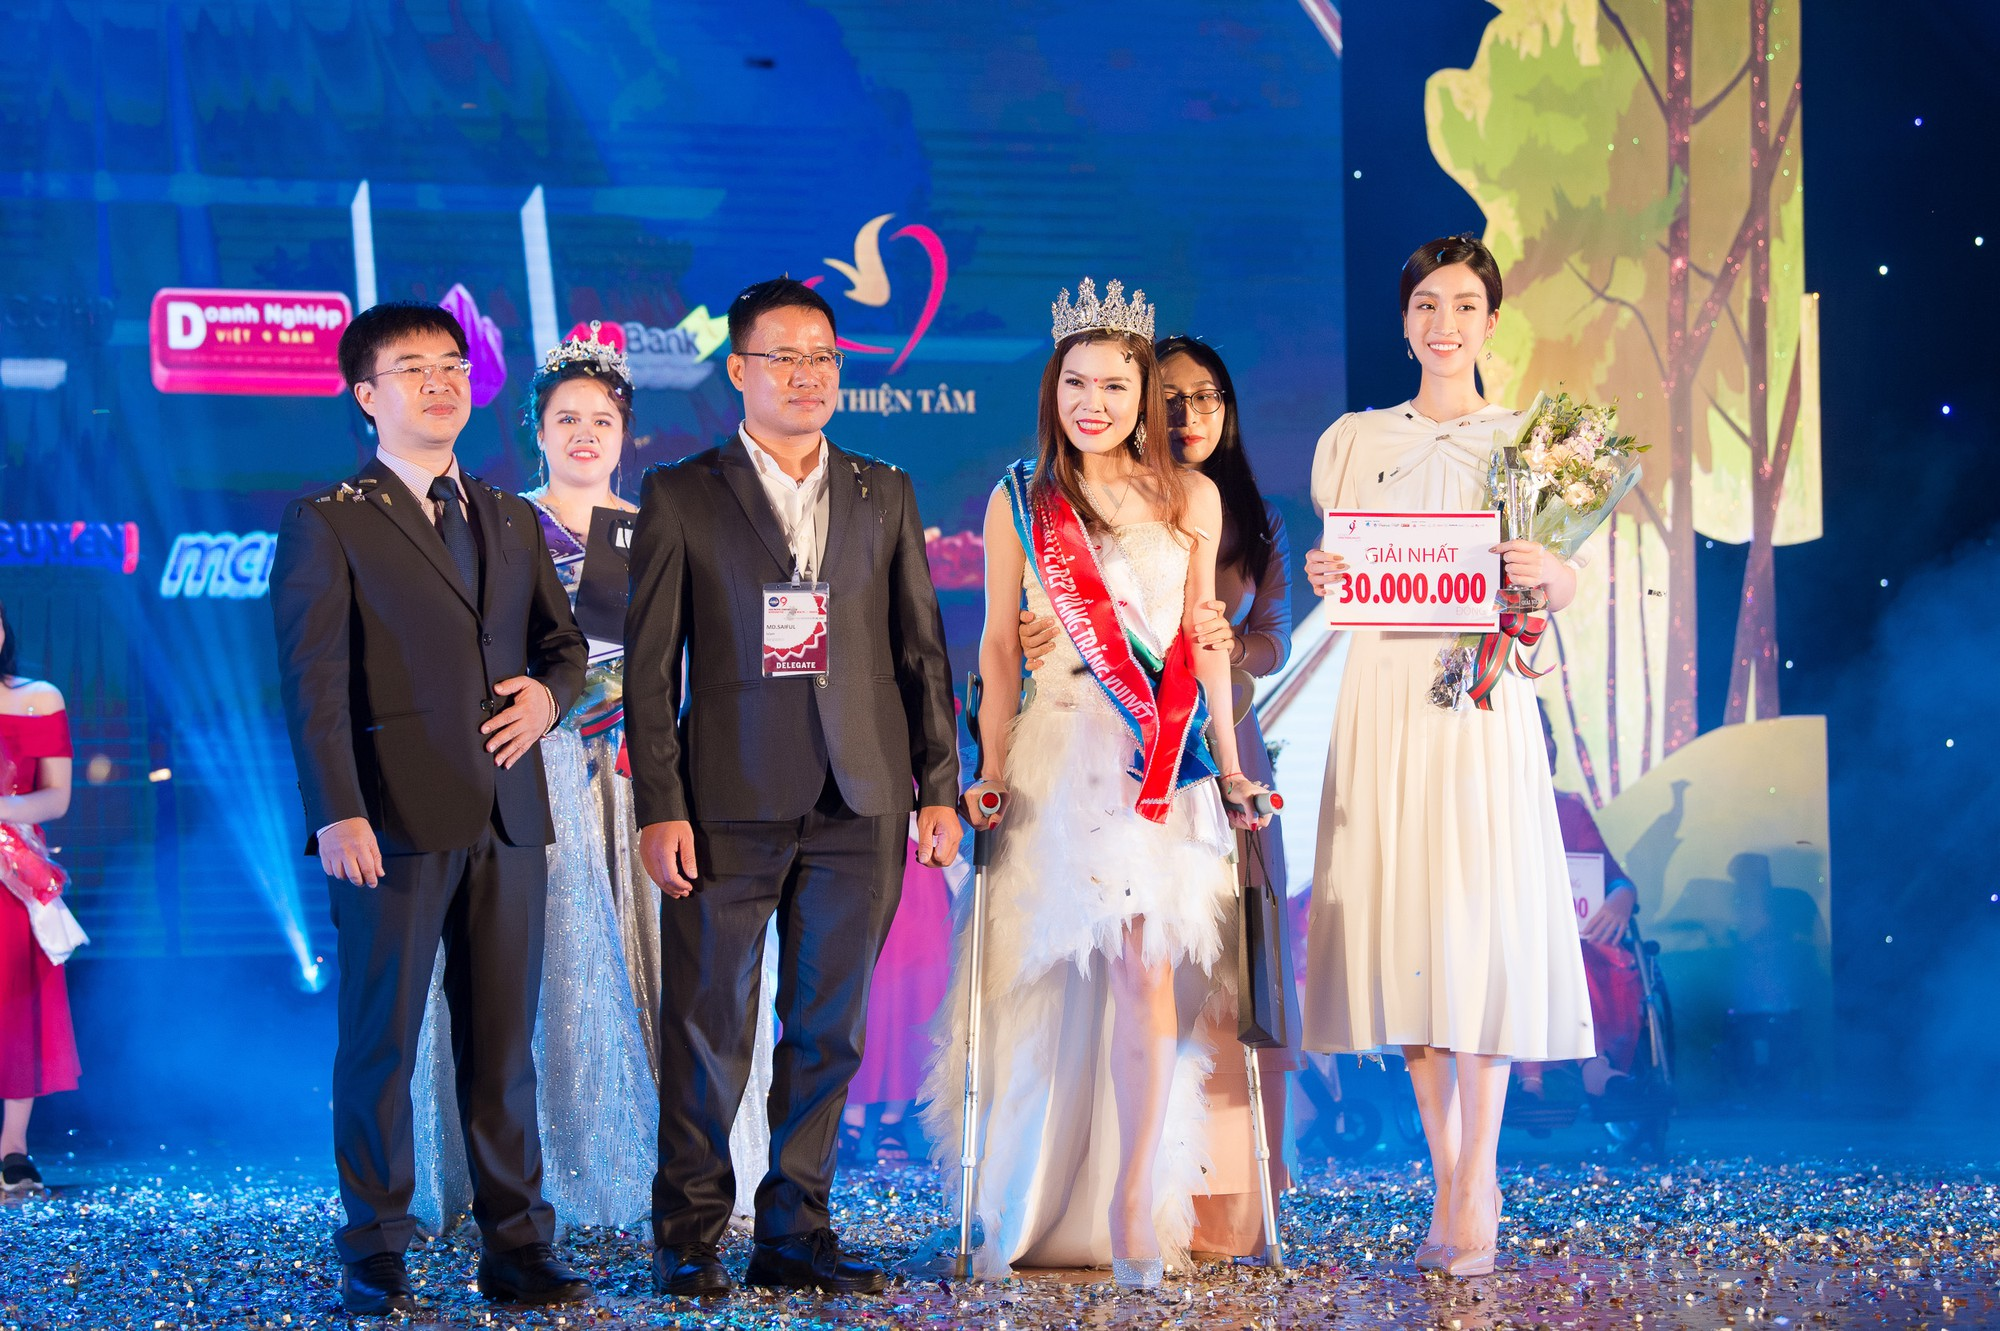 Đỗ Mỹ Linh làm giám khảo cuộc thi sắc đẹp dành cho người khuyết tật - Ảnh 4.